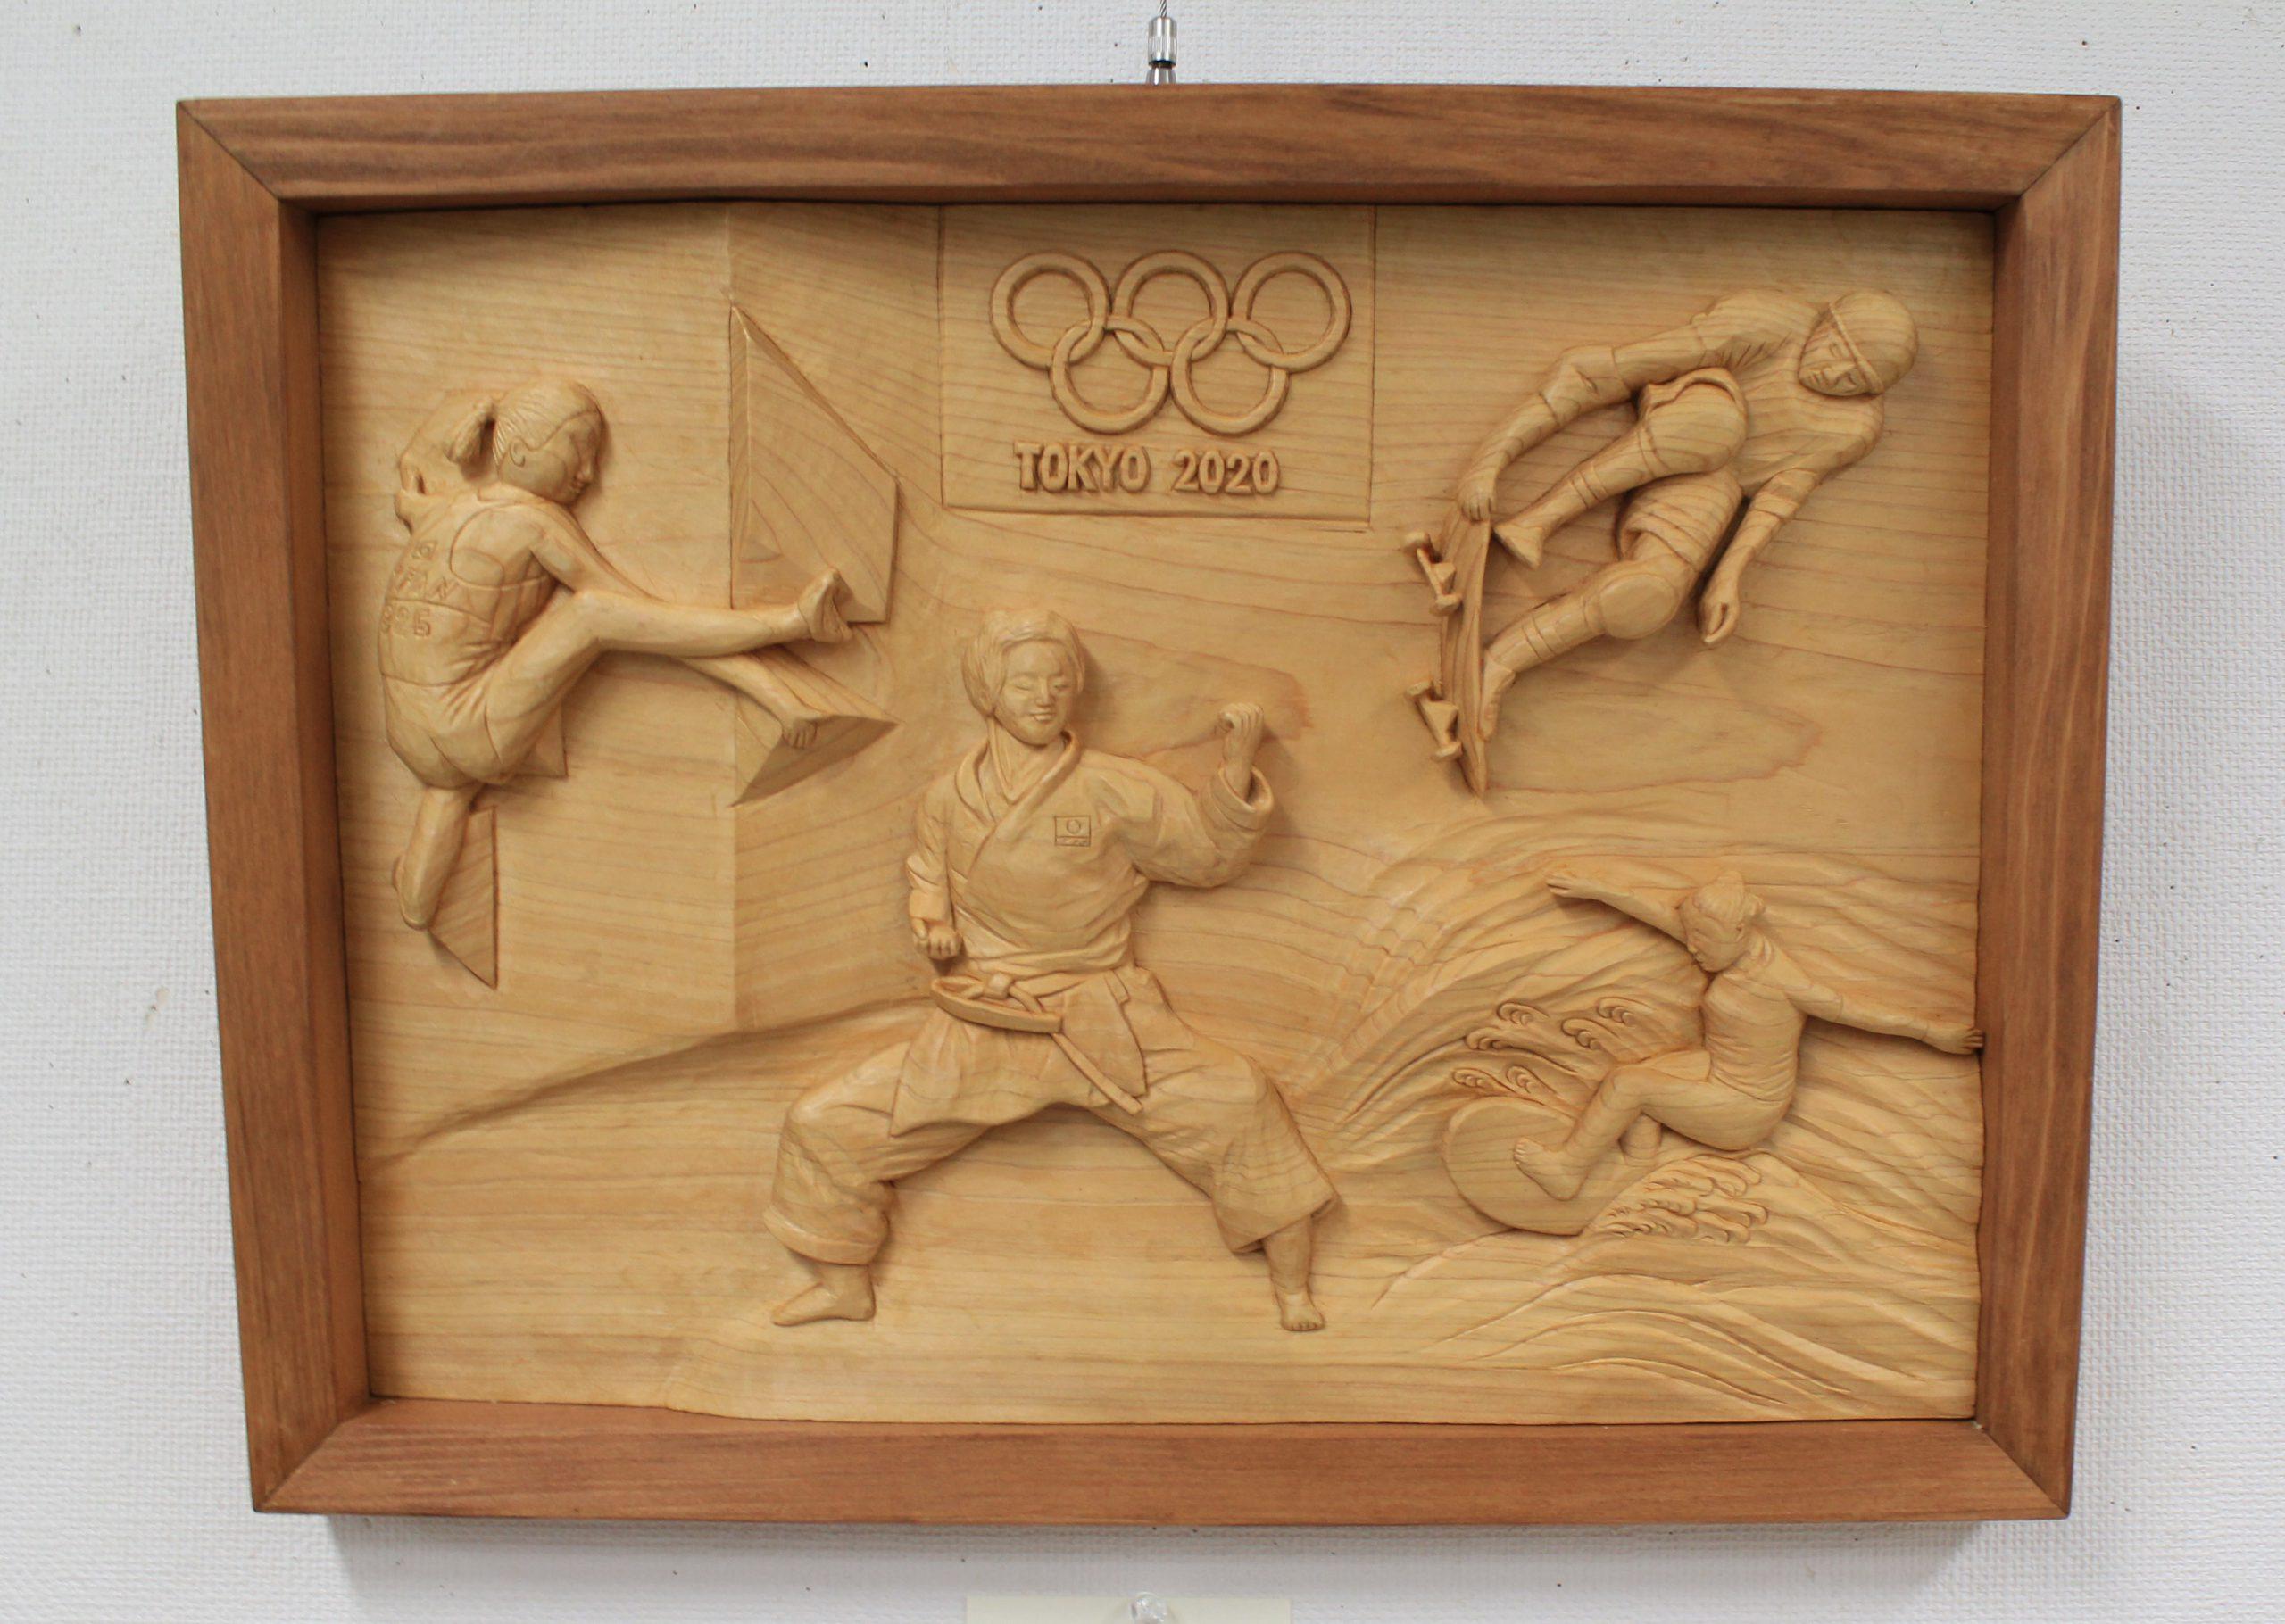 2020オリンピック新競技